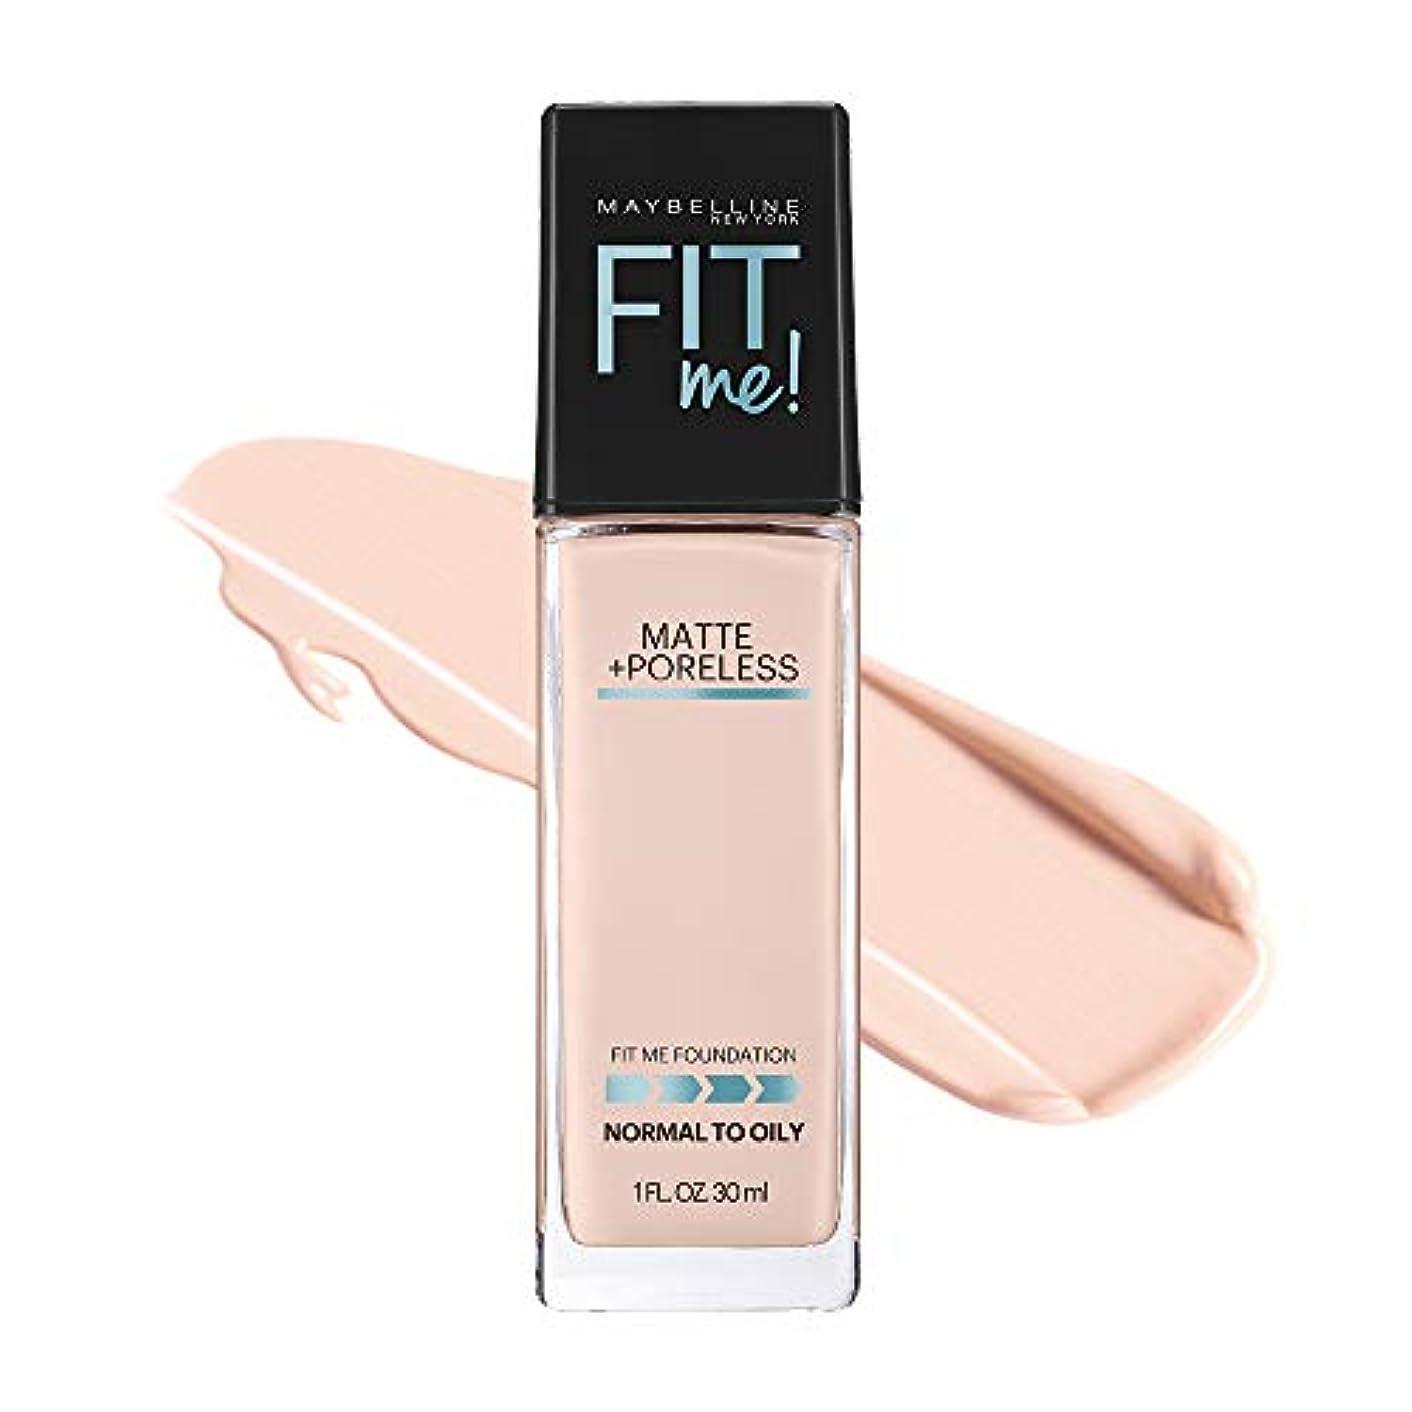 声を出して同盟つぶやきメイベリン フィットミー リキッド ファンデーション 108 明るい肌色(ピンク系)